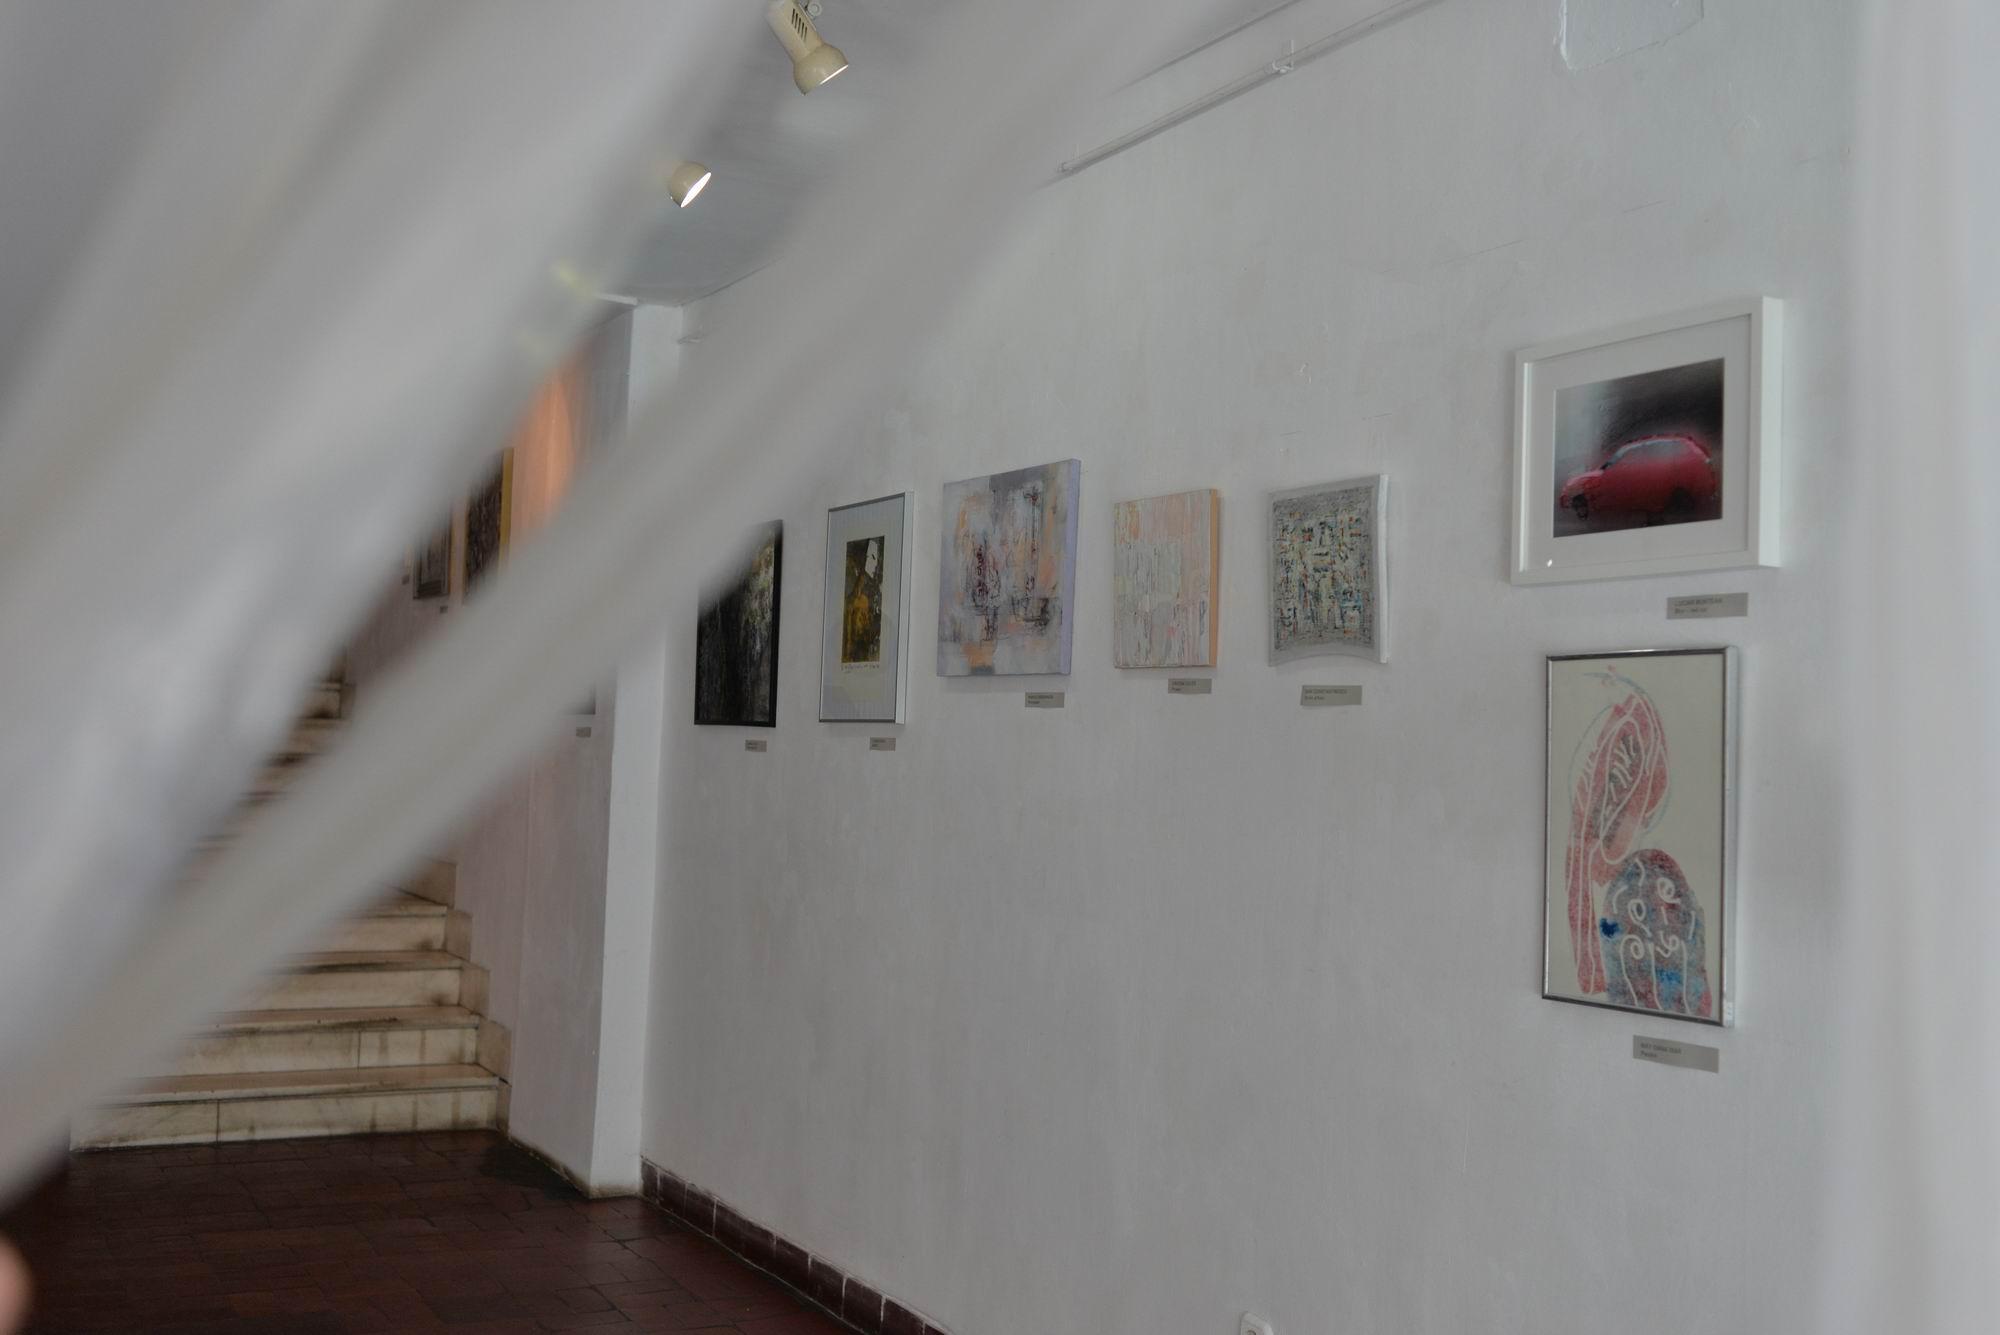 salonul mic bucuresti 2016 LM_0002